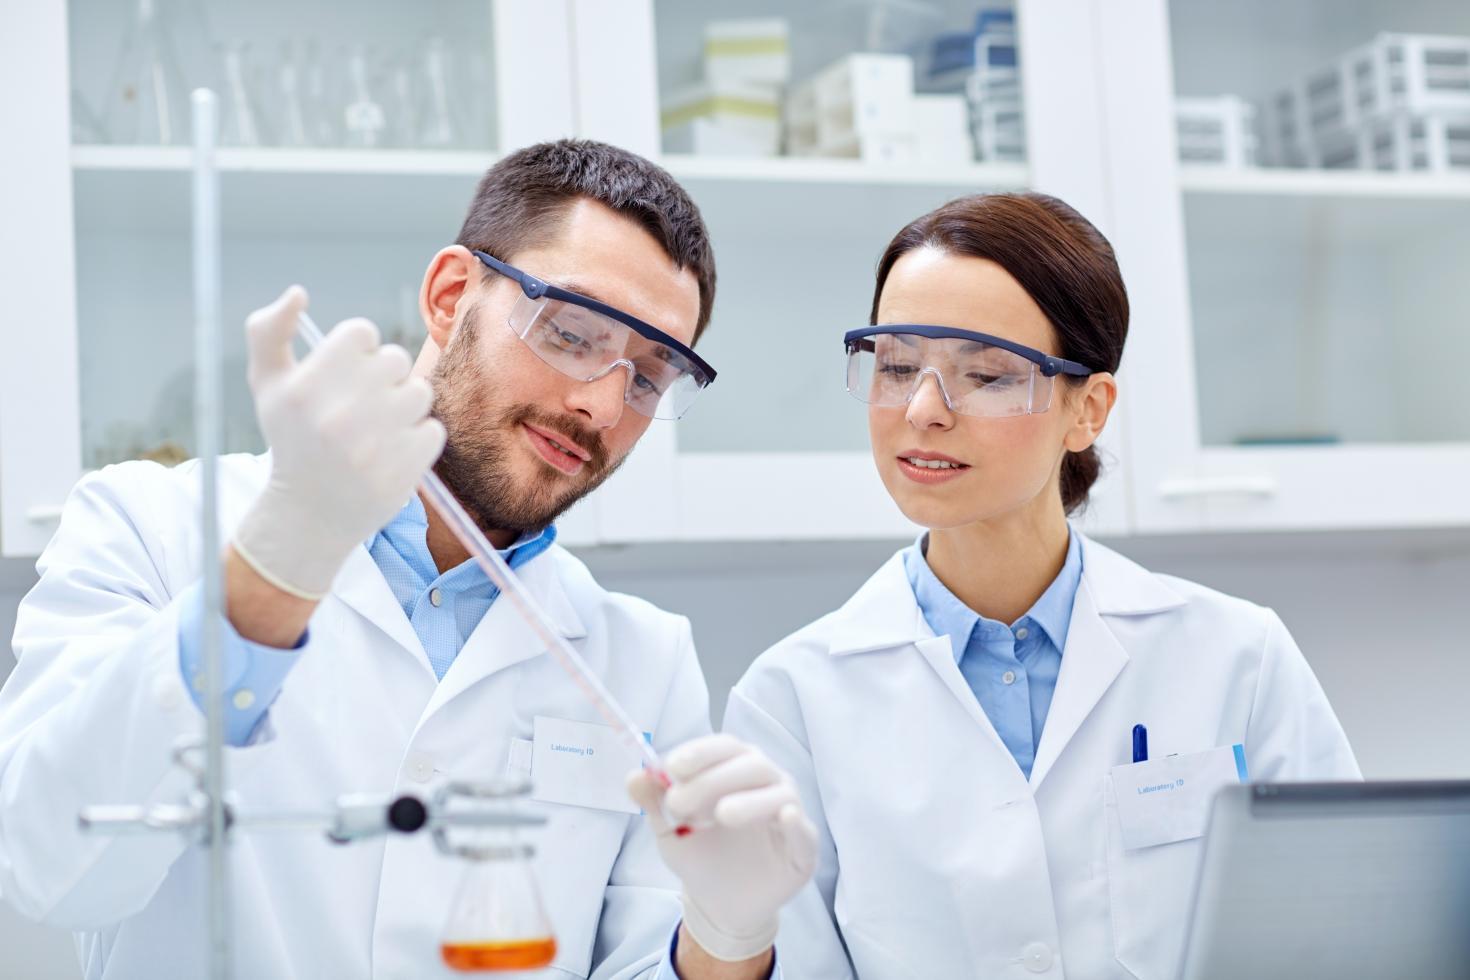 Fundamentos de Química Analítica para Personal de Laboratorio y de Soporte